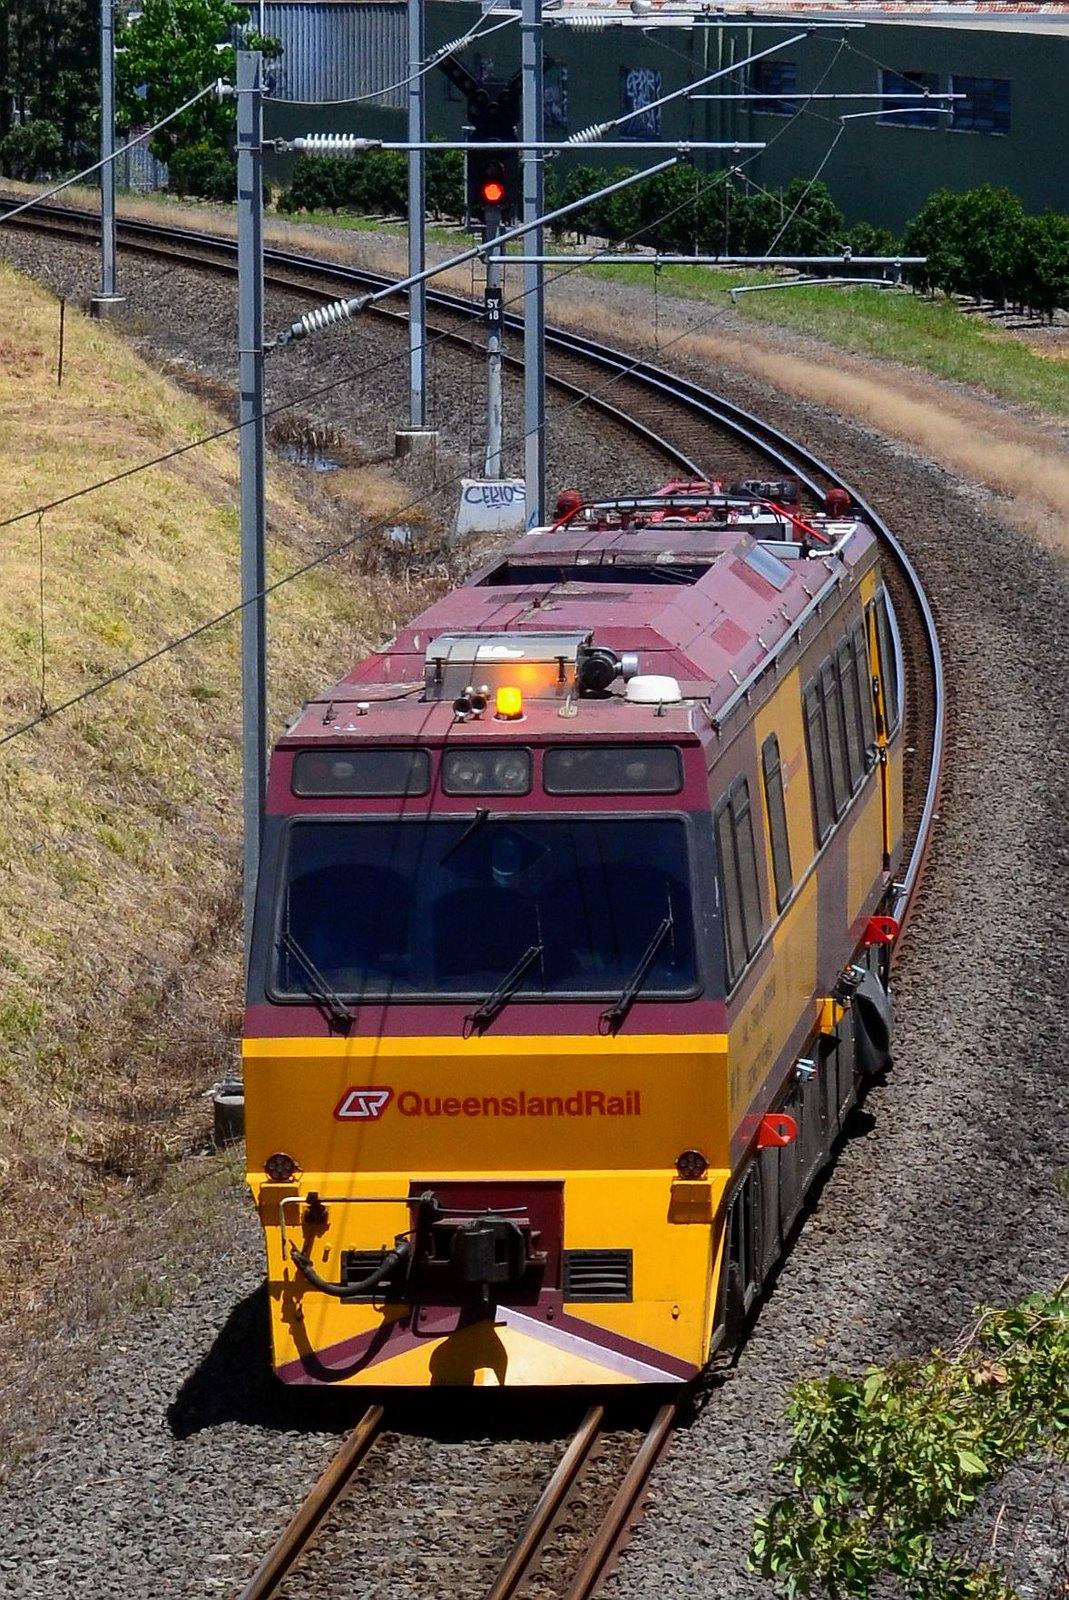 Queensland Rail - MMY-004 by Shawn Stutsel